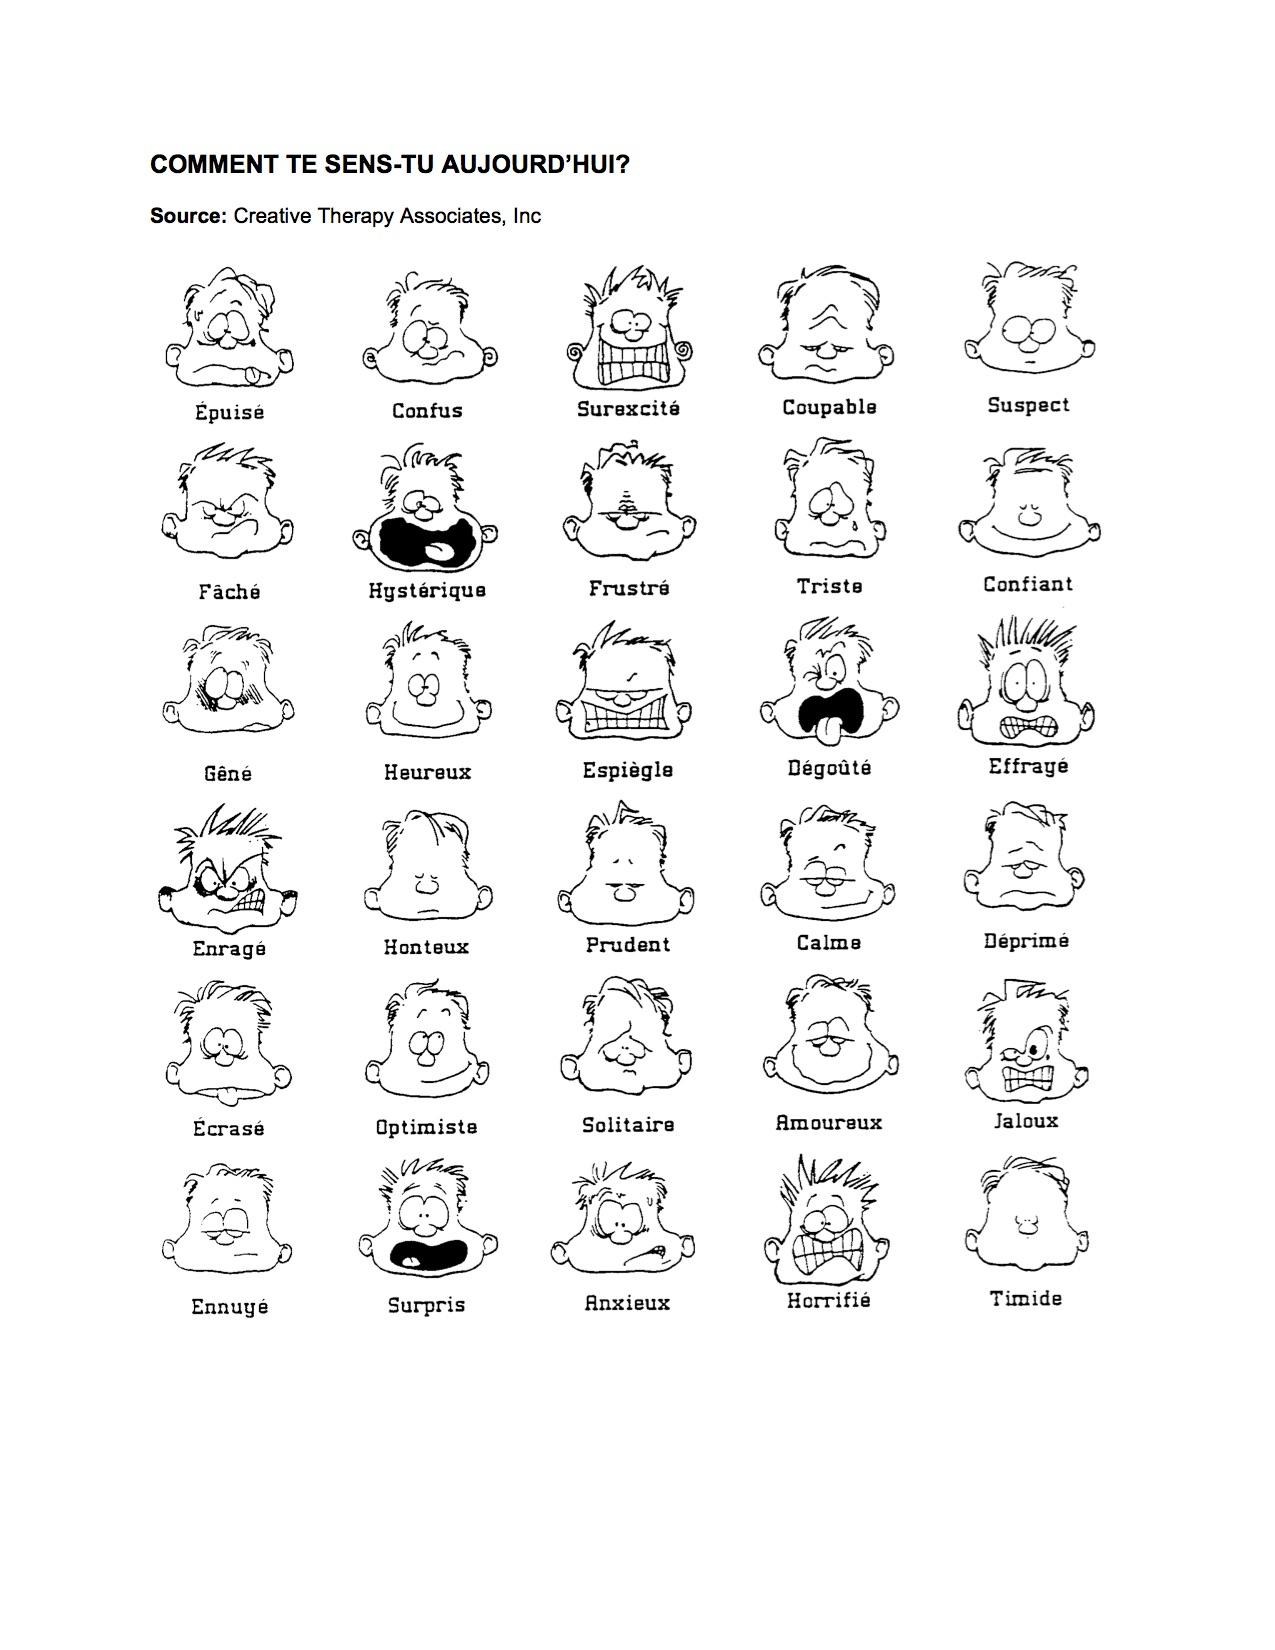 10 Outils Pour Mieux Gérer Les Émotions Des Enfants   365 dedans Exercice Pour Enfant De 4 Ans